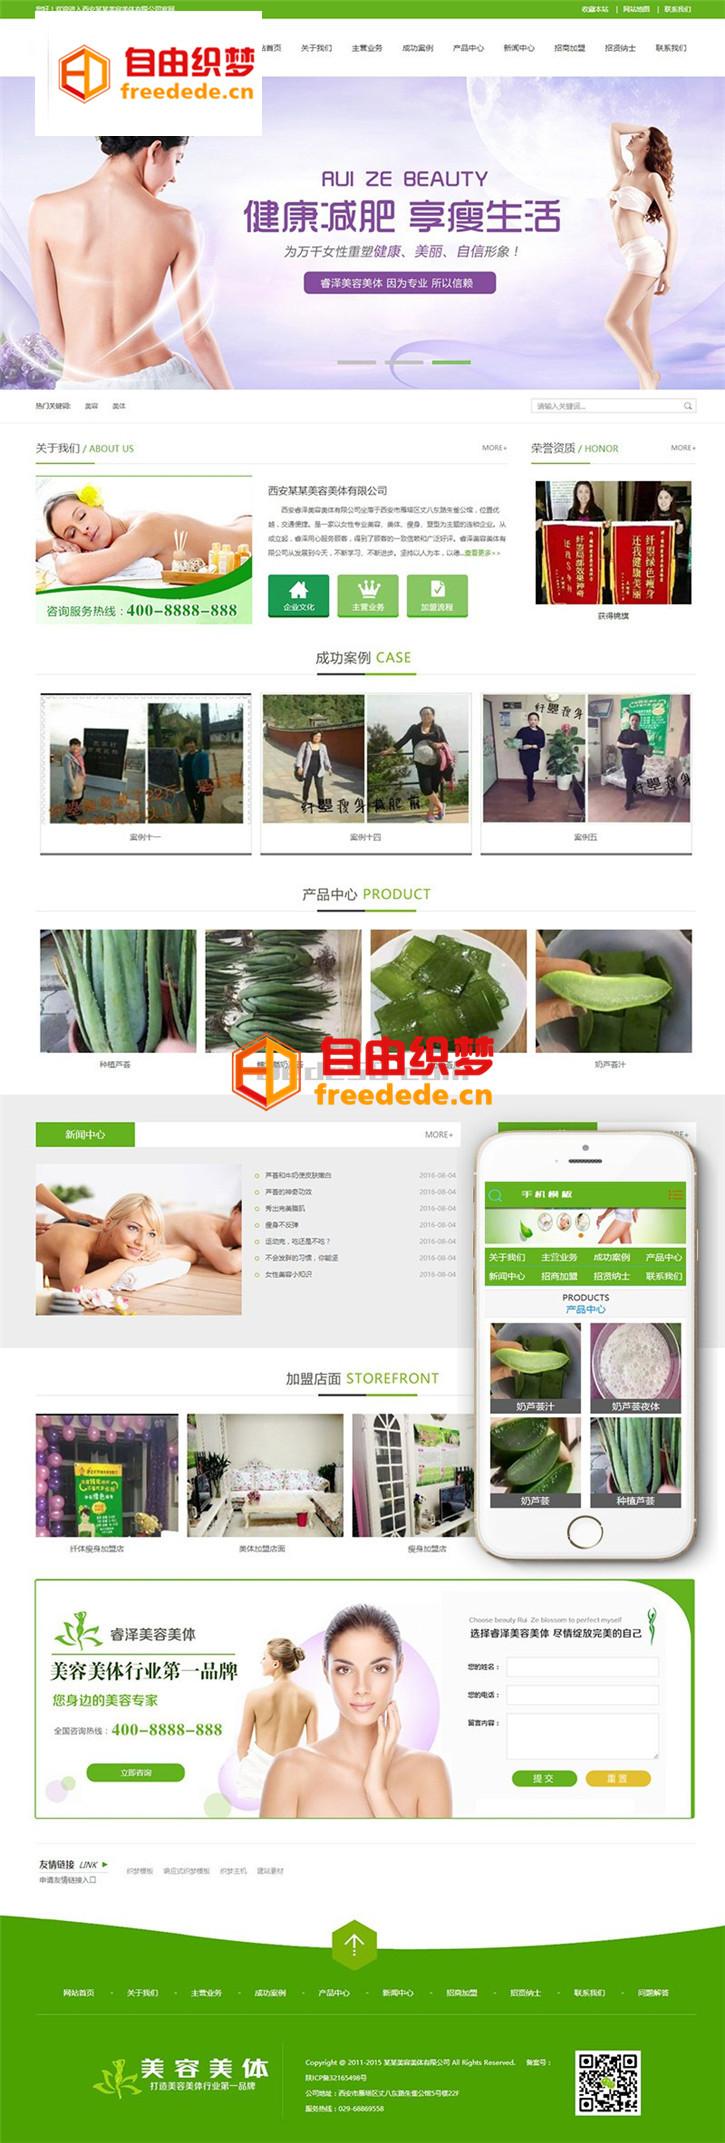 爱上源码网文章营销型绿色健美瑜伽美容类网站织梦模板(带手机端)整站源码下载的内容插图